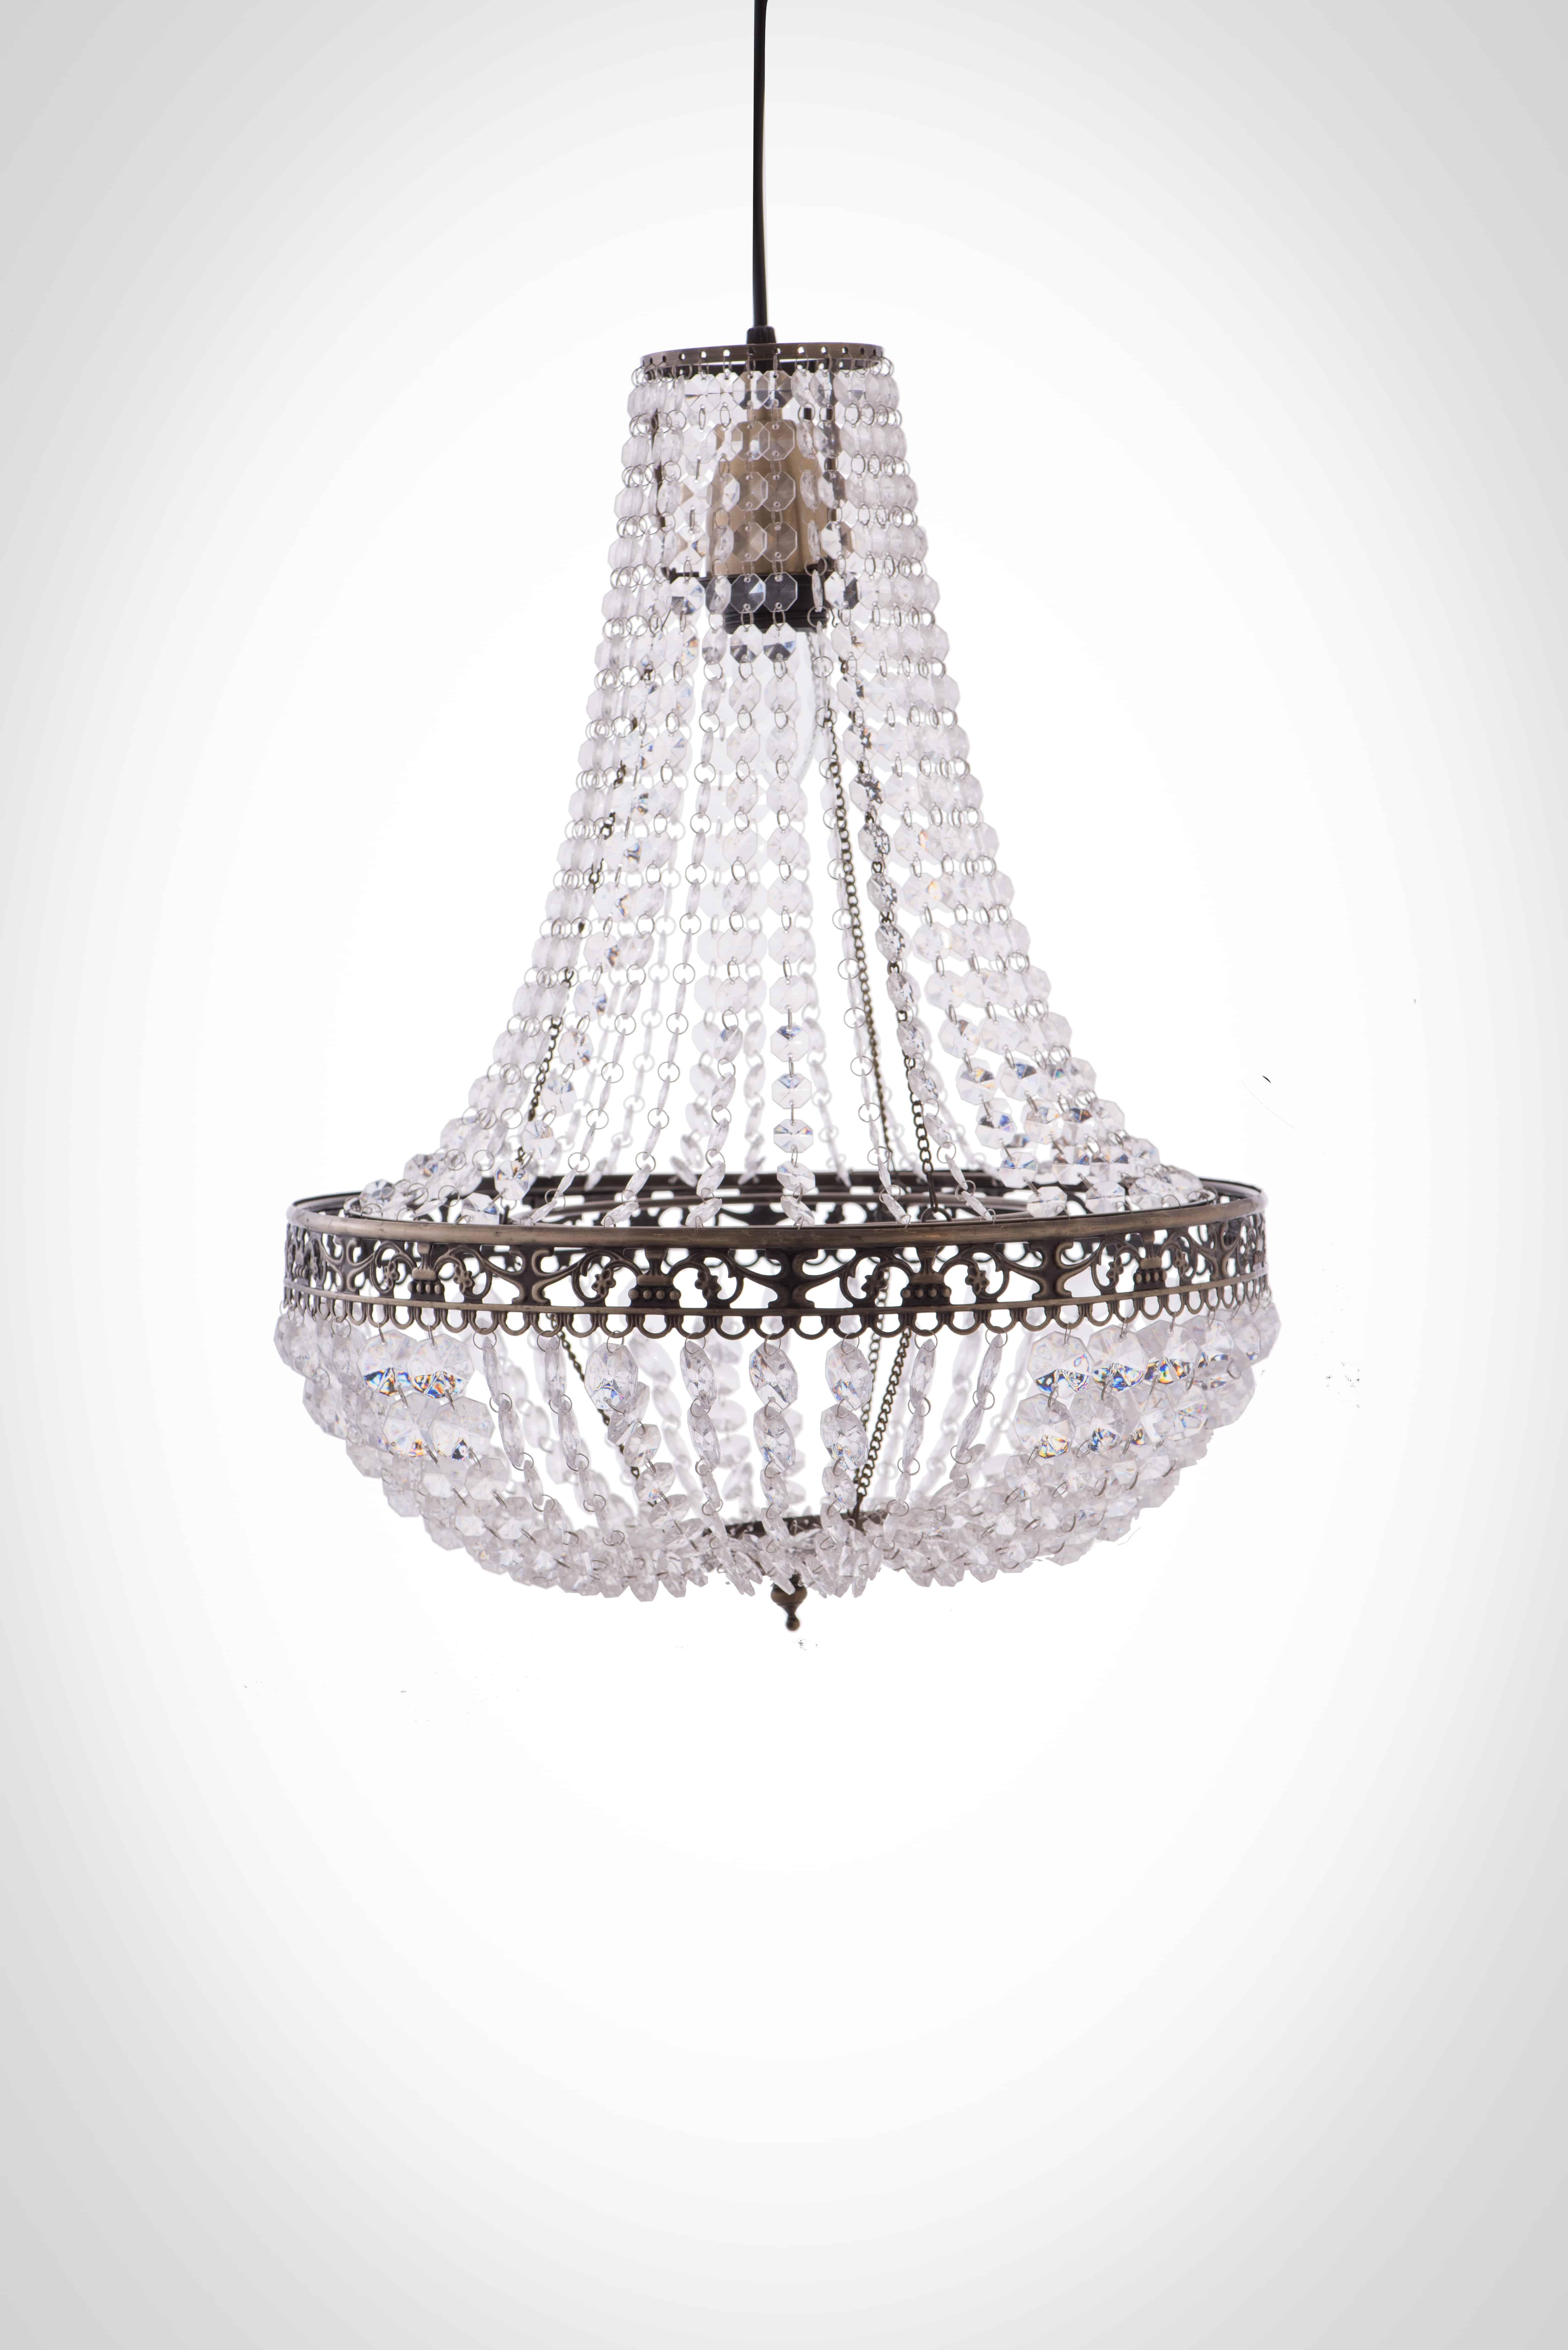 古銅華麗透明壓克力珠吊燈-BNL00050 5